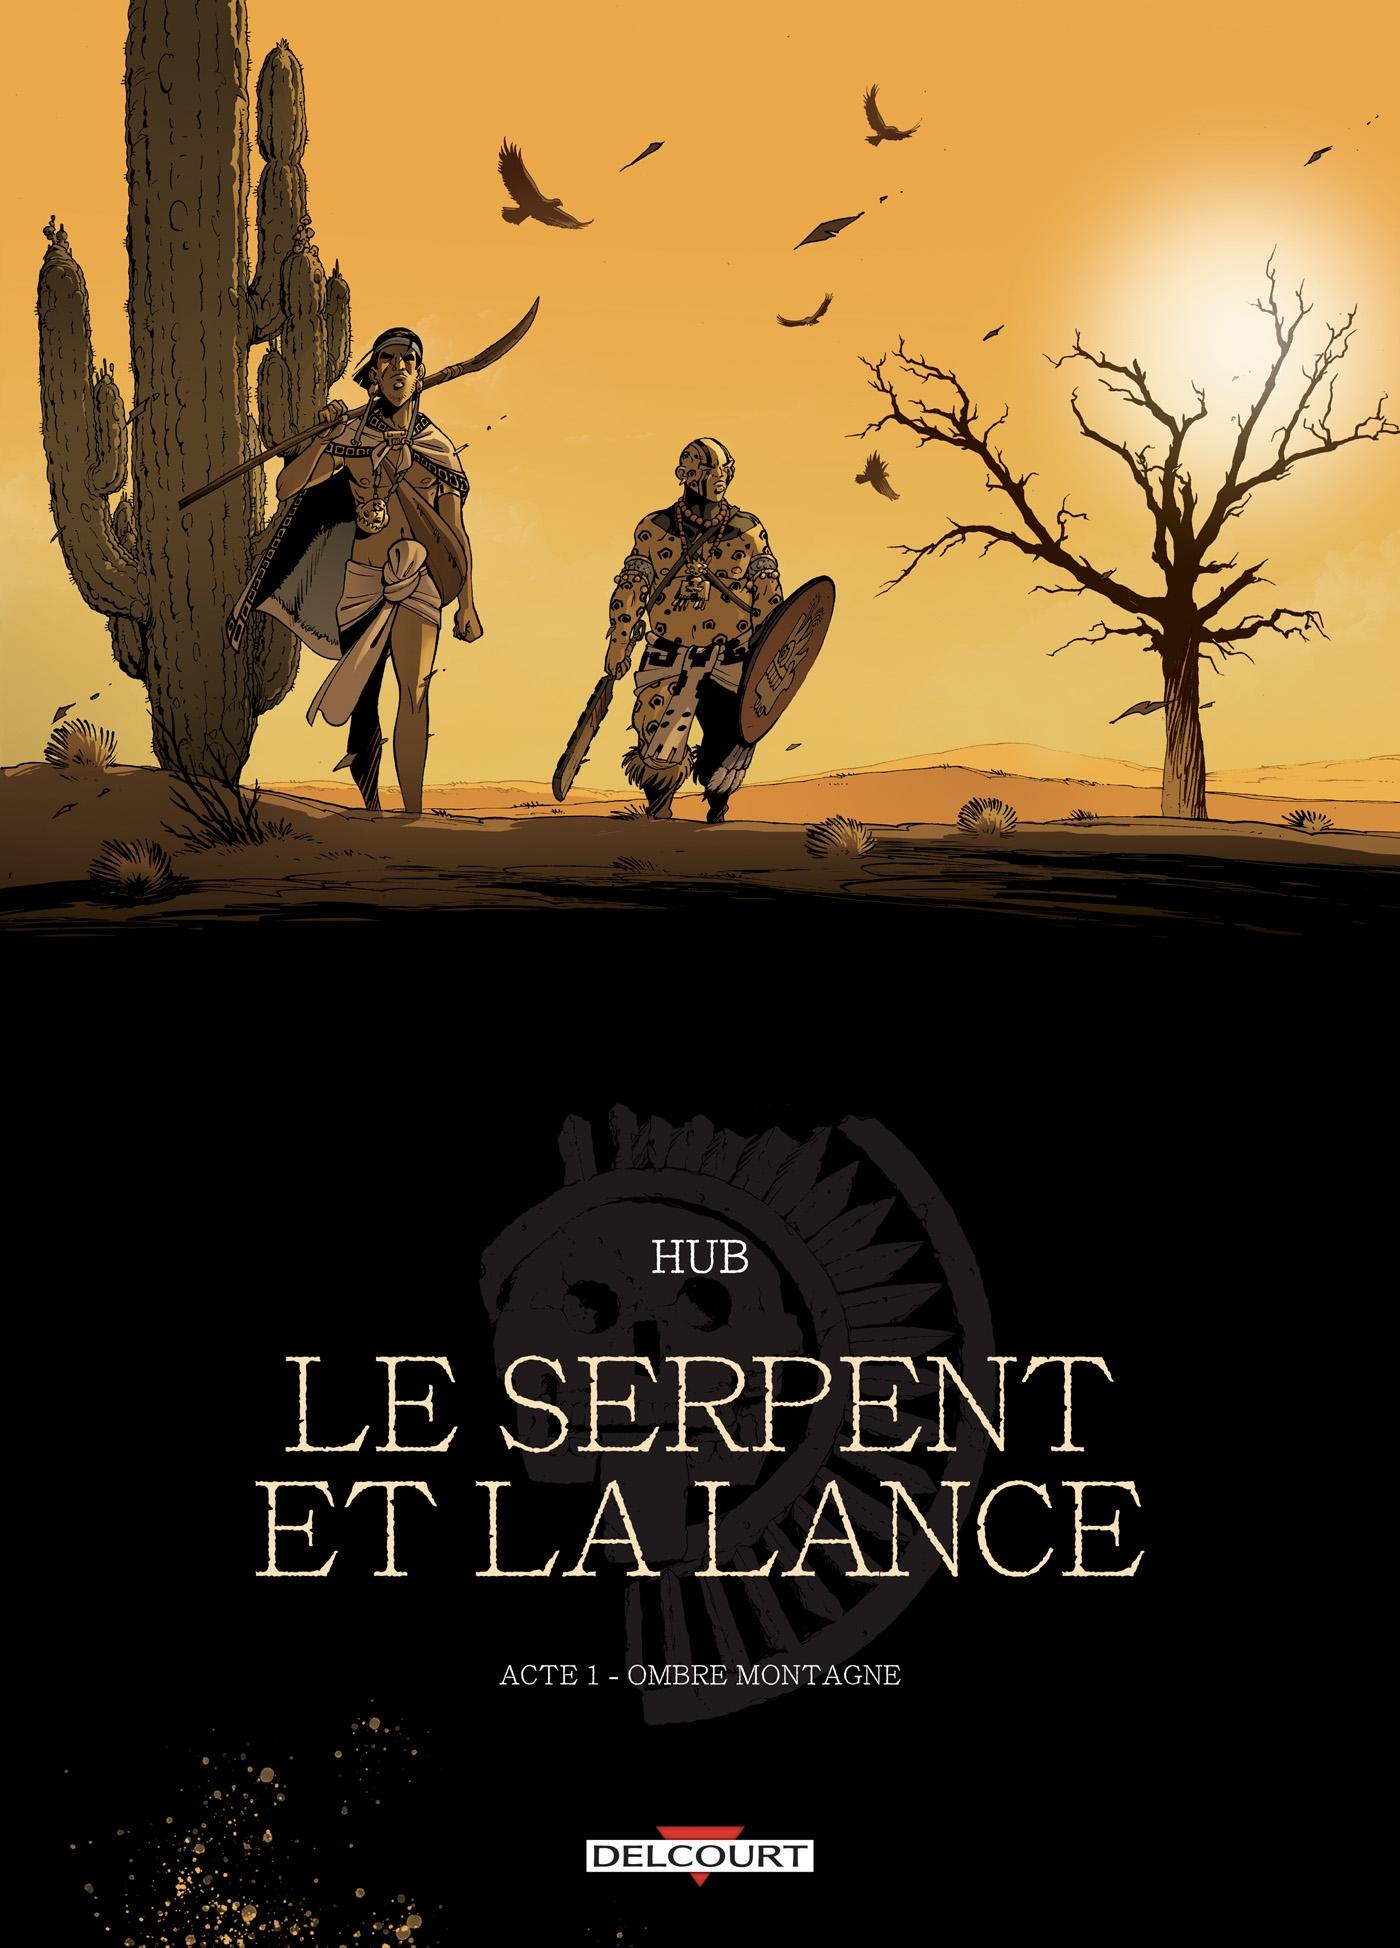 Le serpent et la Lance 1 - Acte 1 - Ombre-montagne